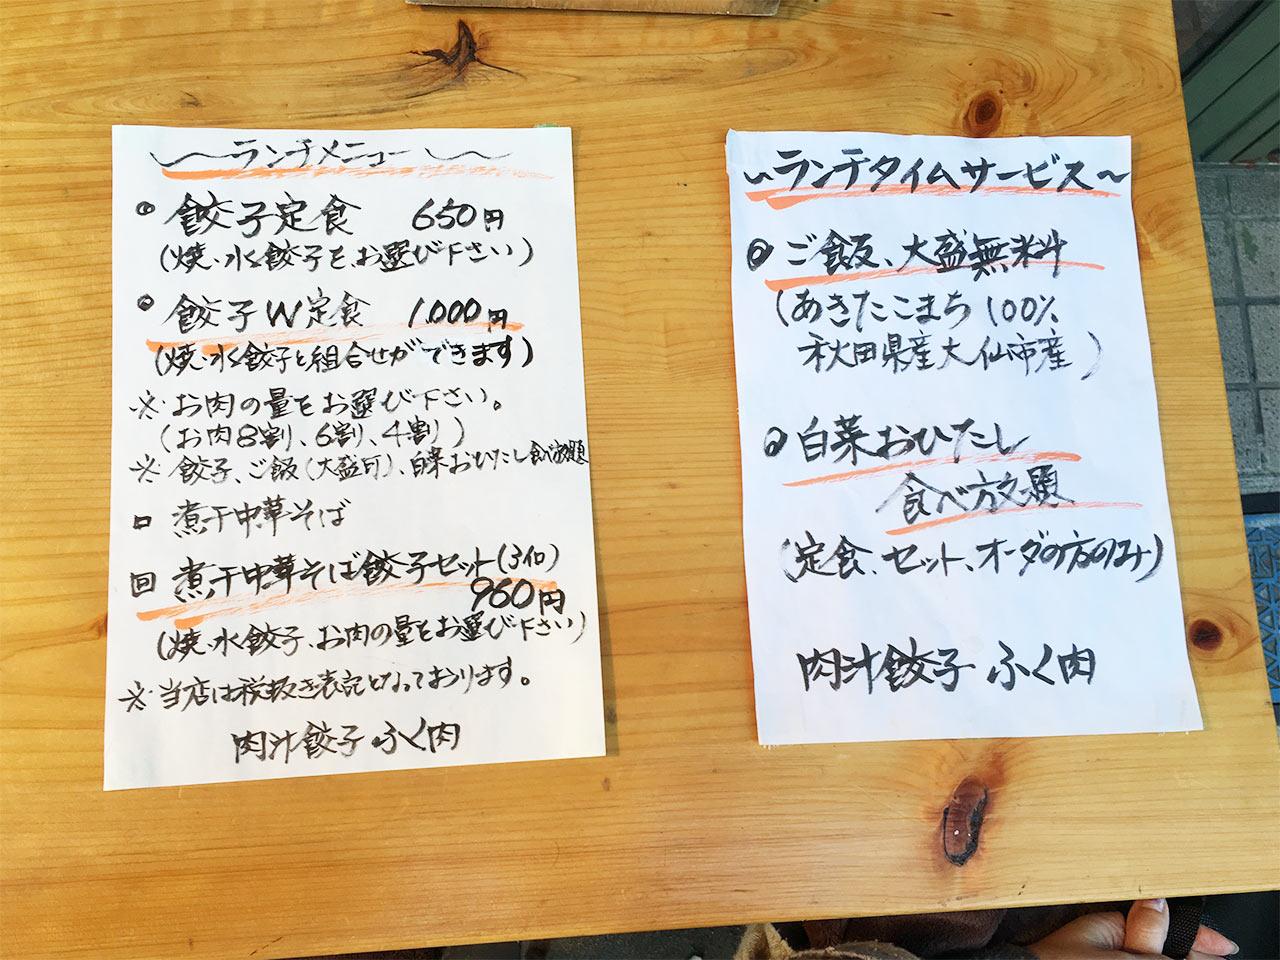 武蔵小山の餃子屋ふく肉のランチメニュー